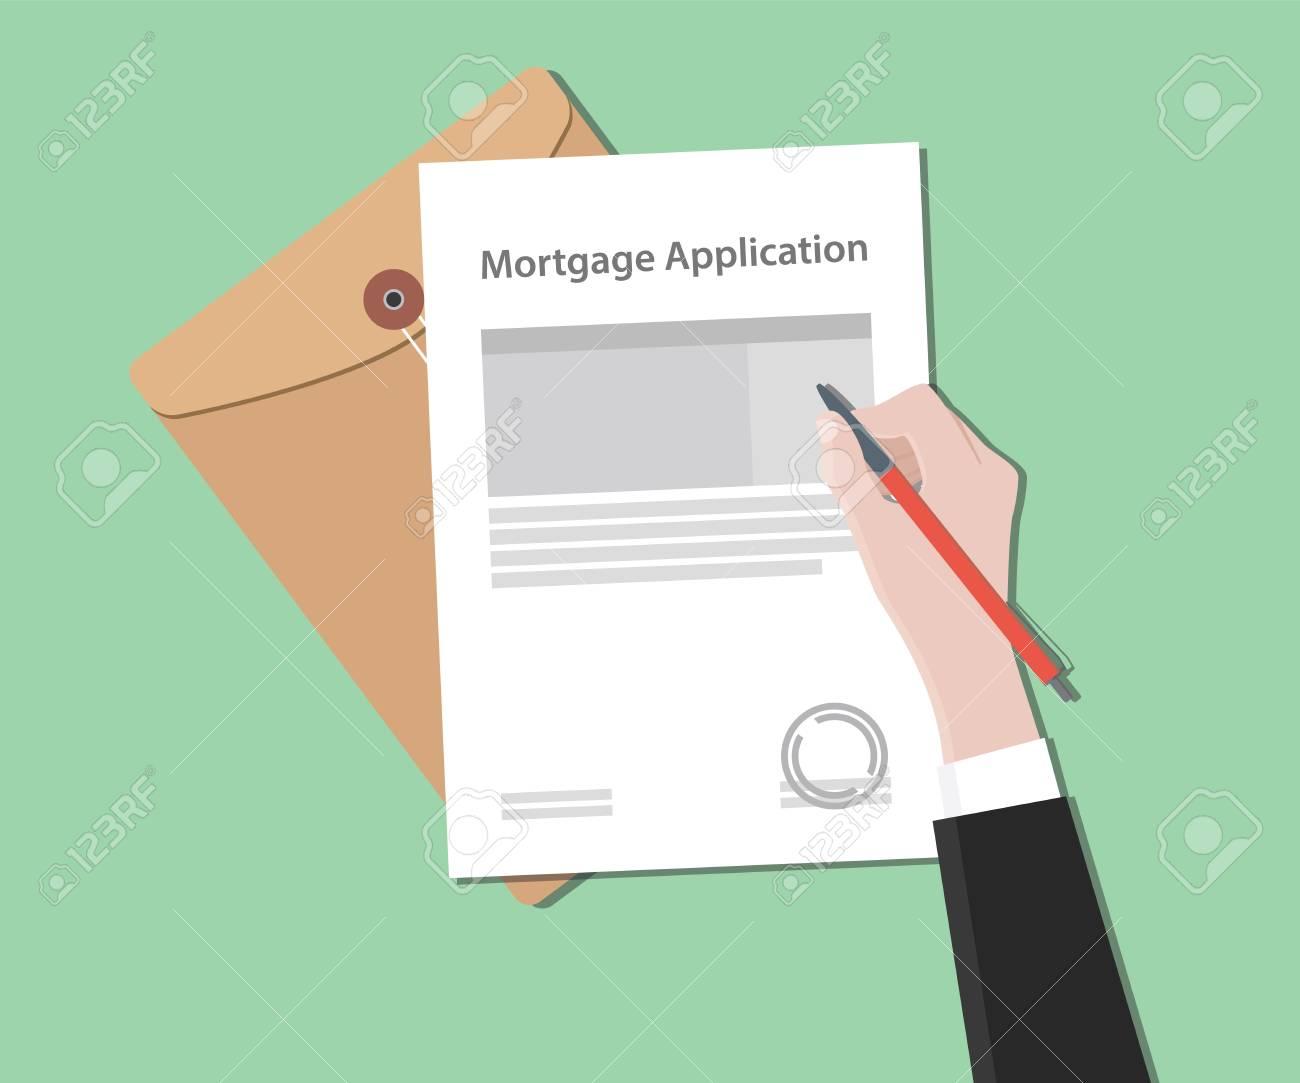 Illustration De Lettre De Demande De Pret Hypothecaire Avec Document Estampille Et Vecteur De Document De Dossier